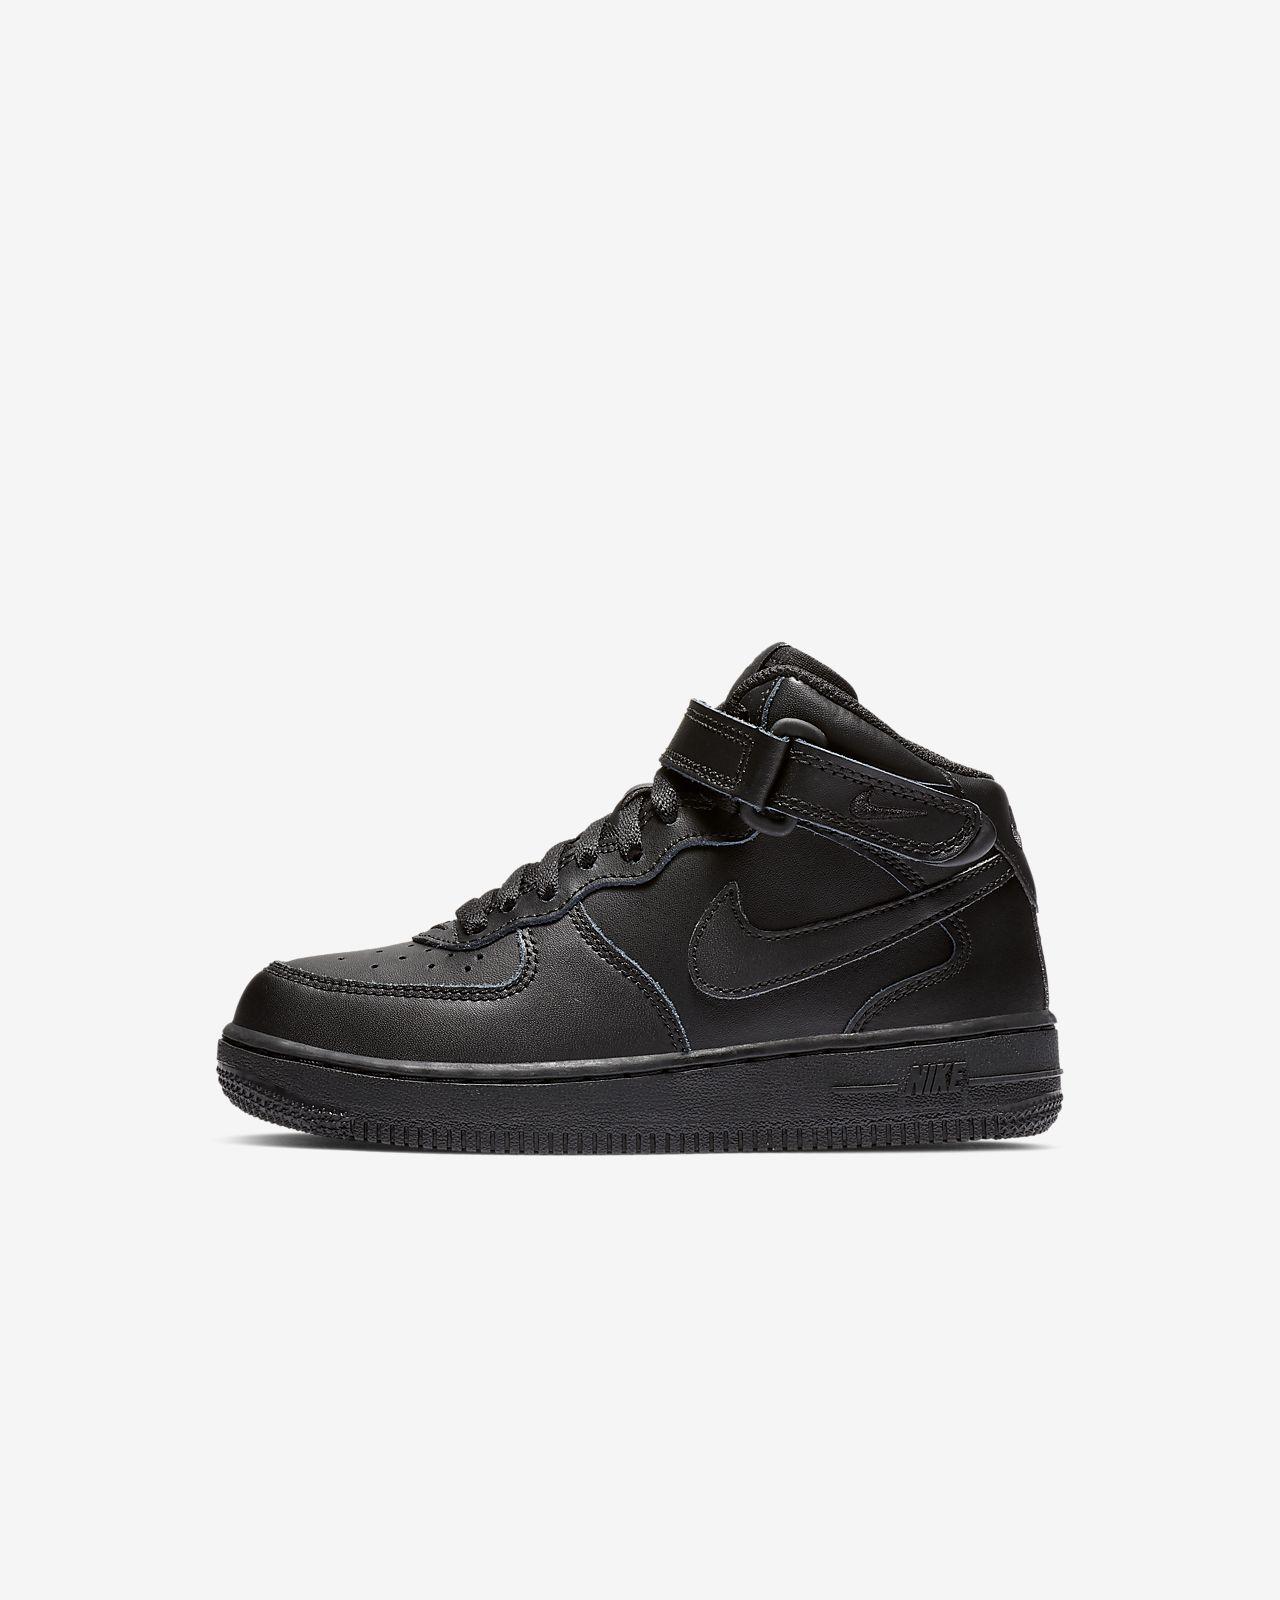 Nike Air Force 1 Mid Zapatillas - Niño/a pequeño/a